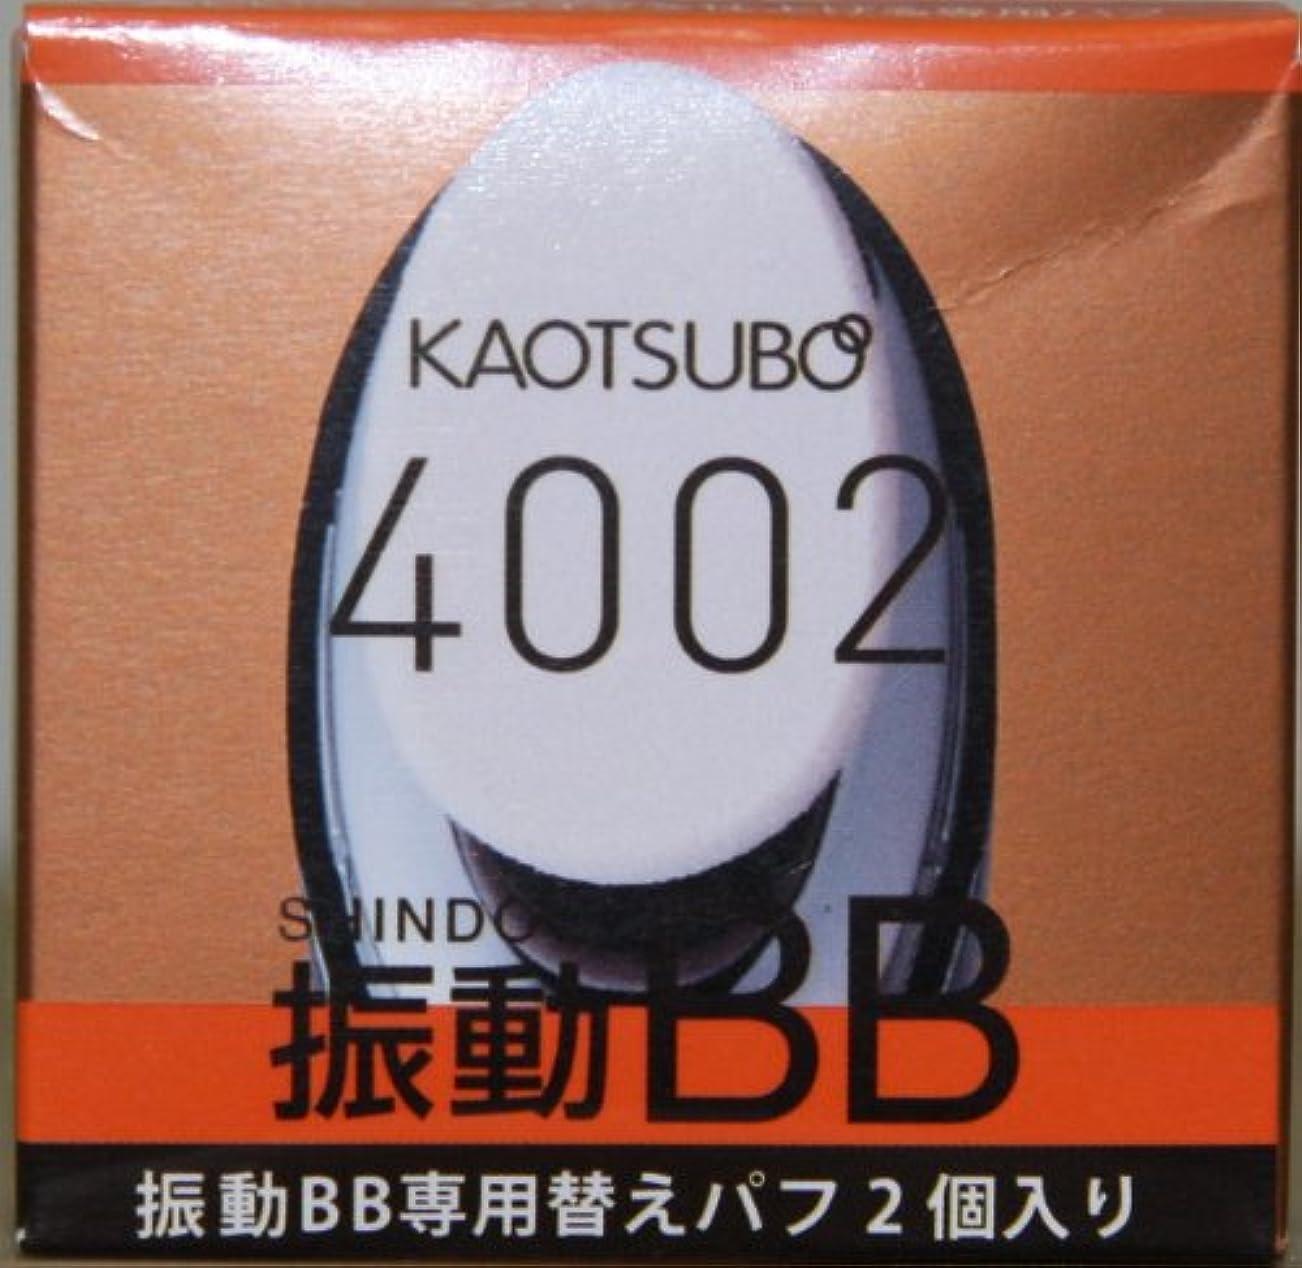 解決するピッチャー出版4002 振動BB 専用パフ (交換用2個)